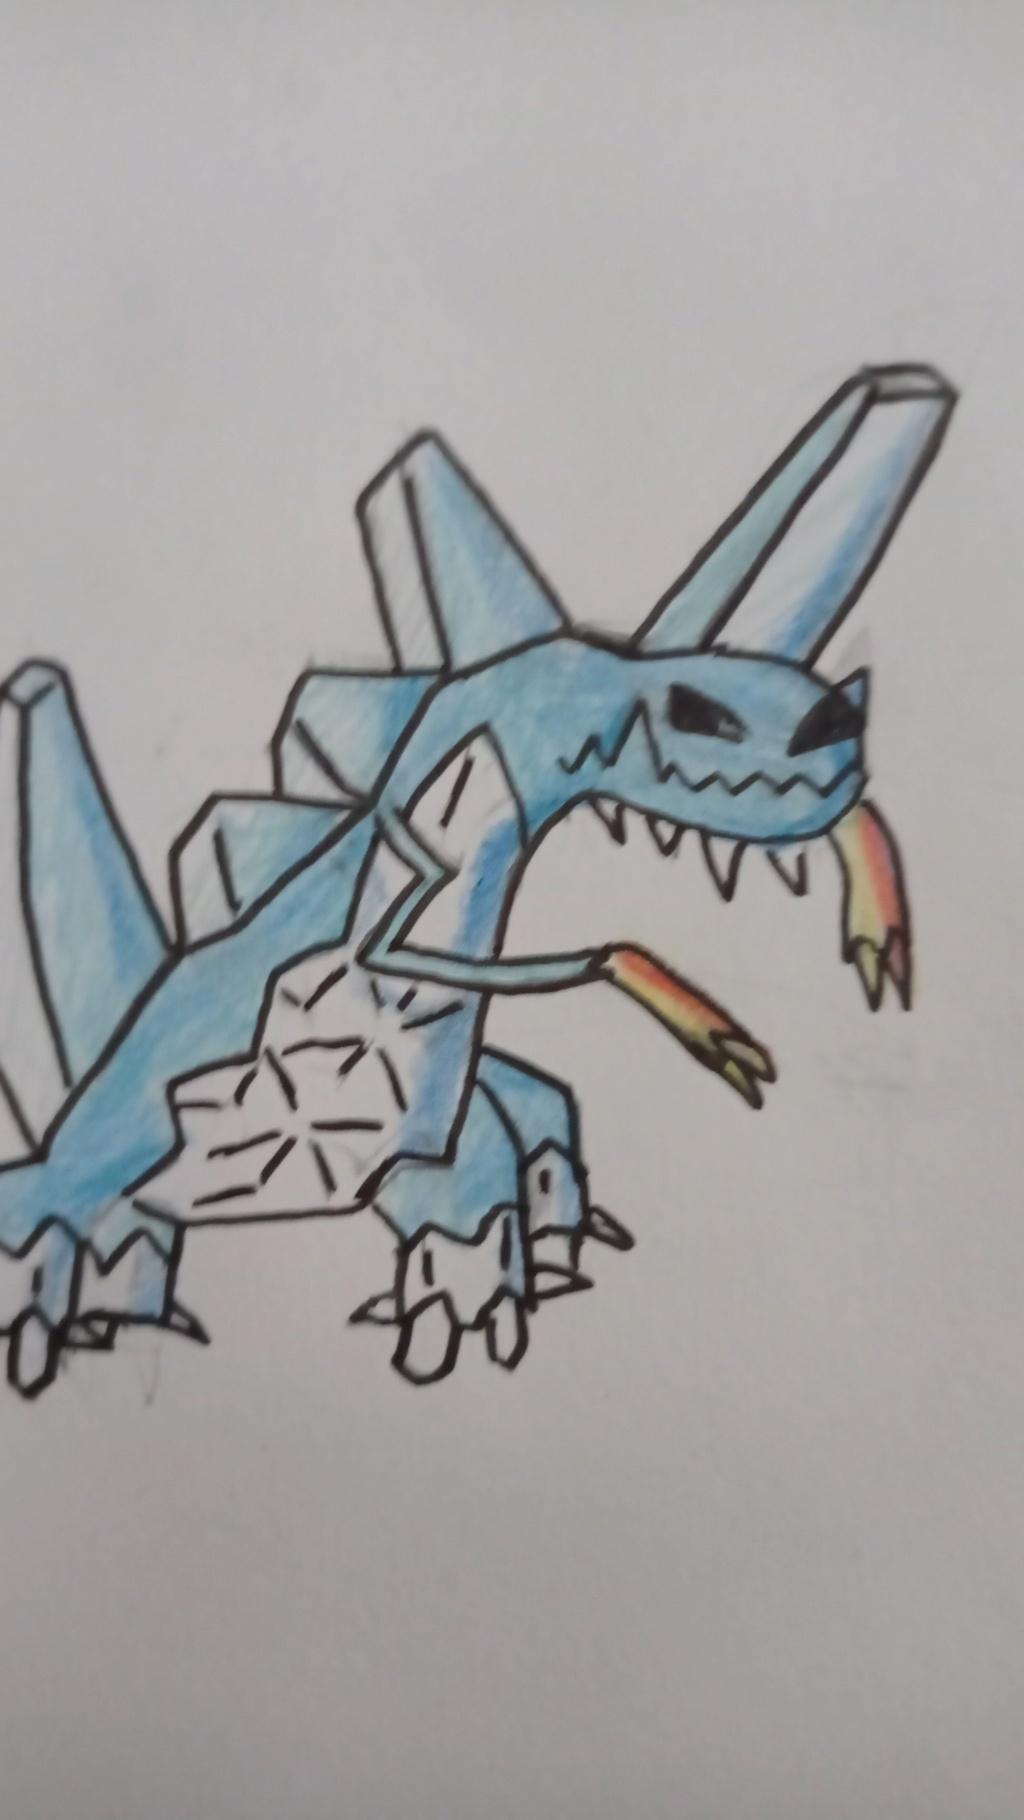 [Sondage] Votre top ~10 des plus beau Pokémons ? - Page 3 Img-2011